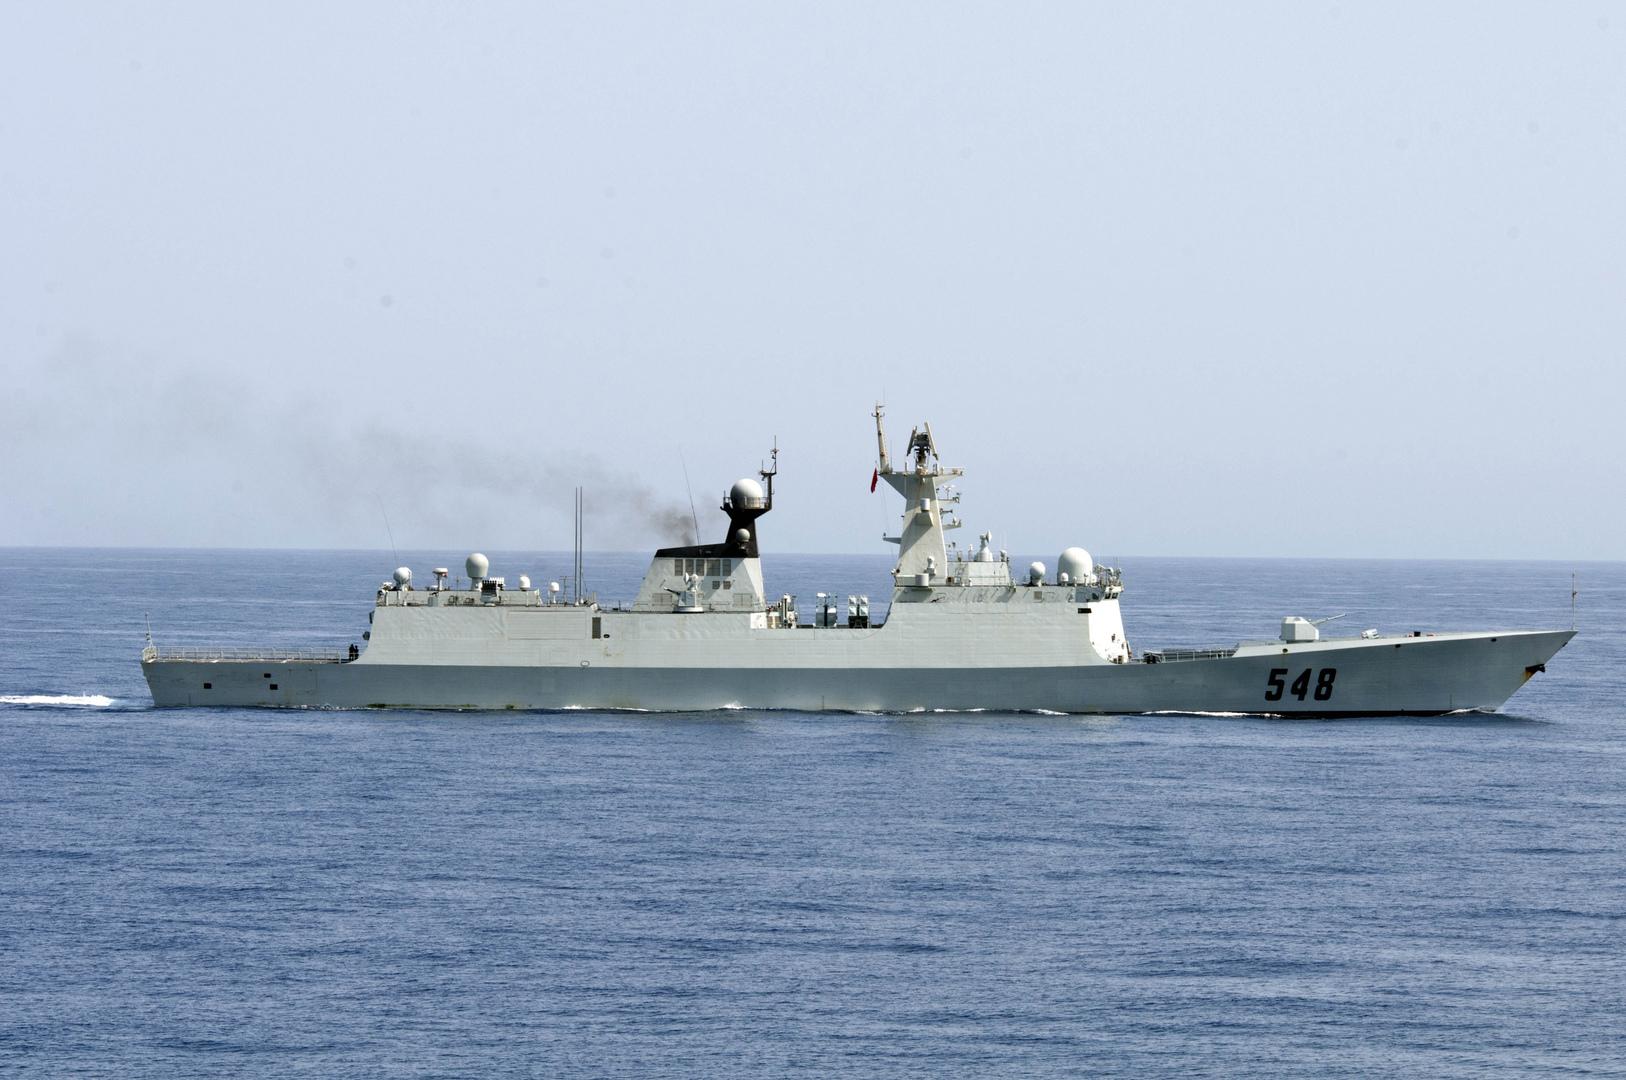 البحرية الأمريكية تضبط أسلحة مهربة قبالة الصومال